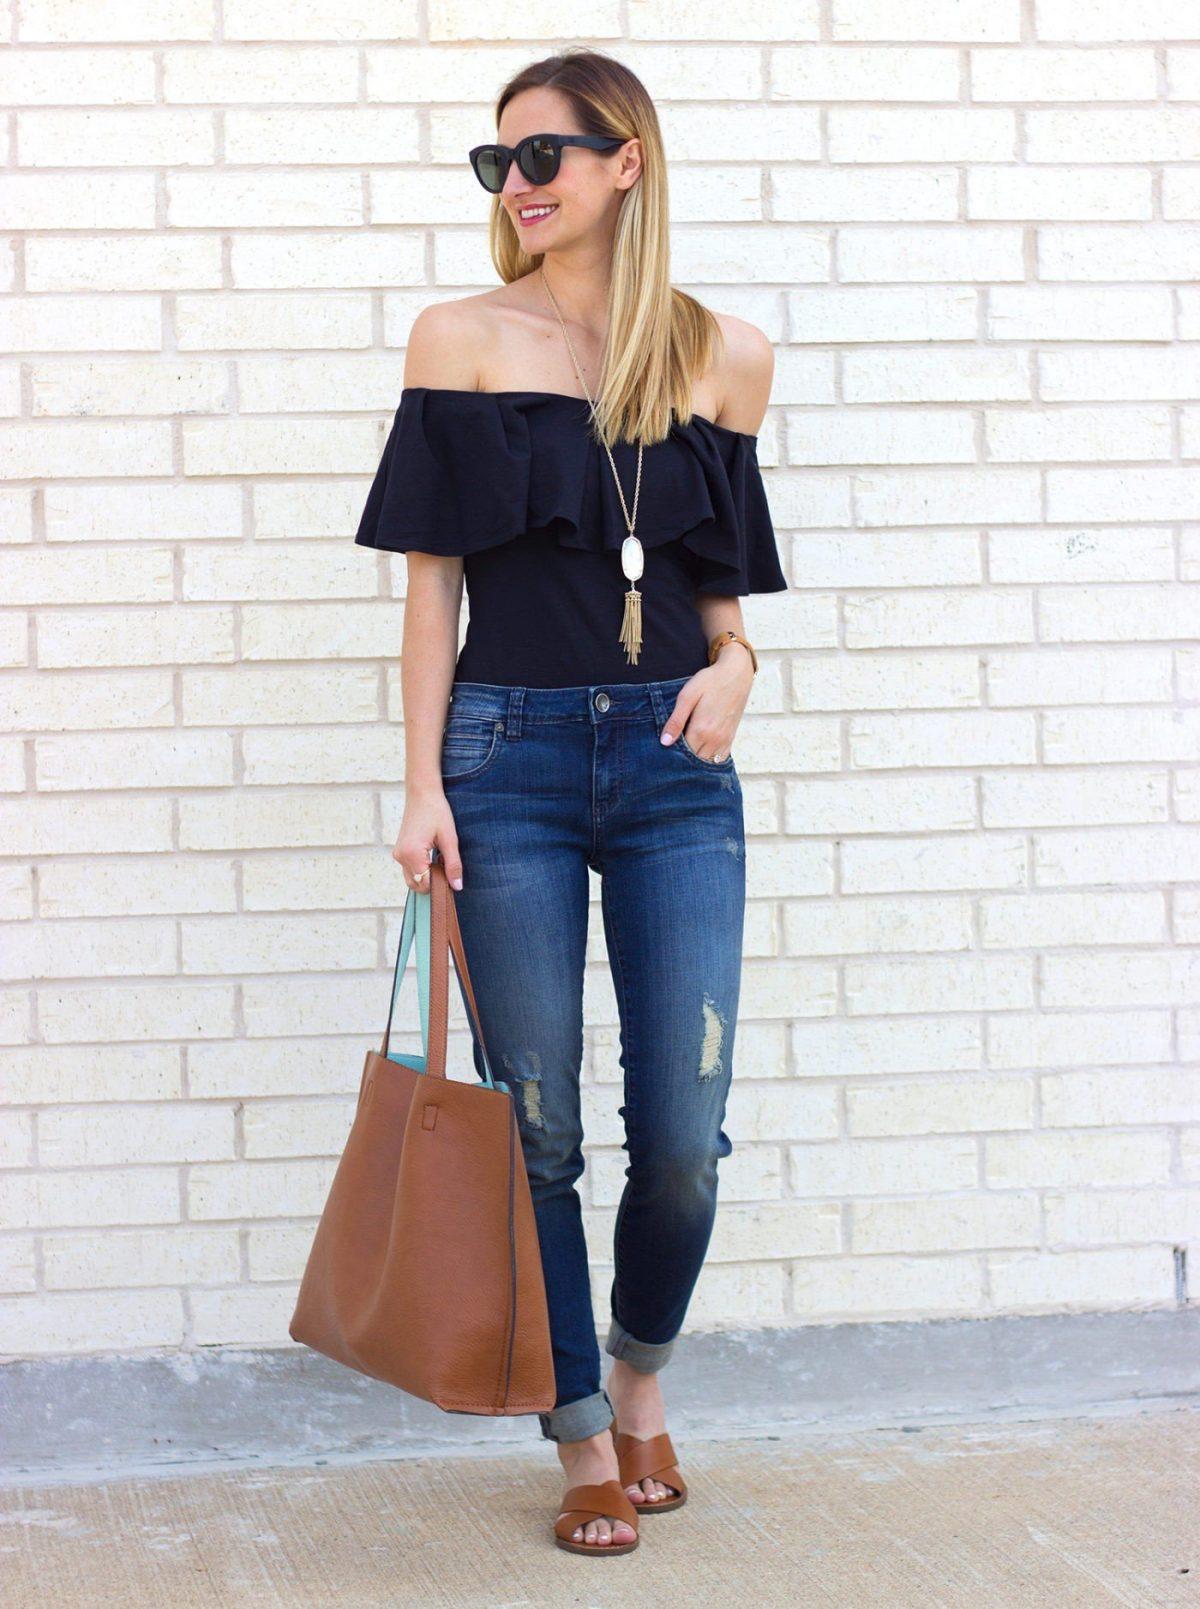 черный топ с открытыми плечами и воланами и джинсы с чем носить